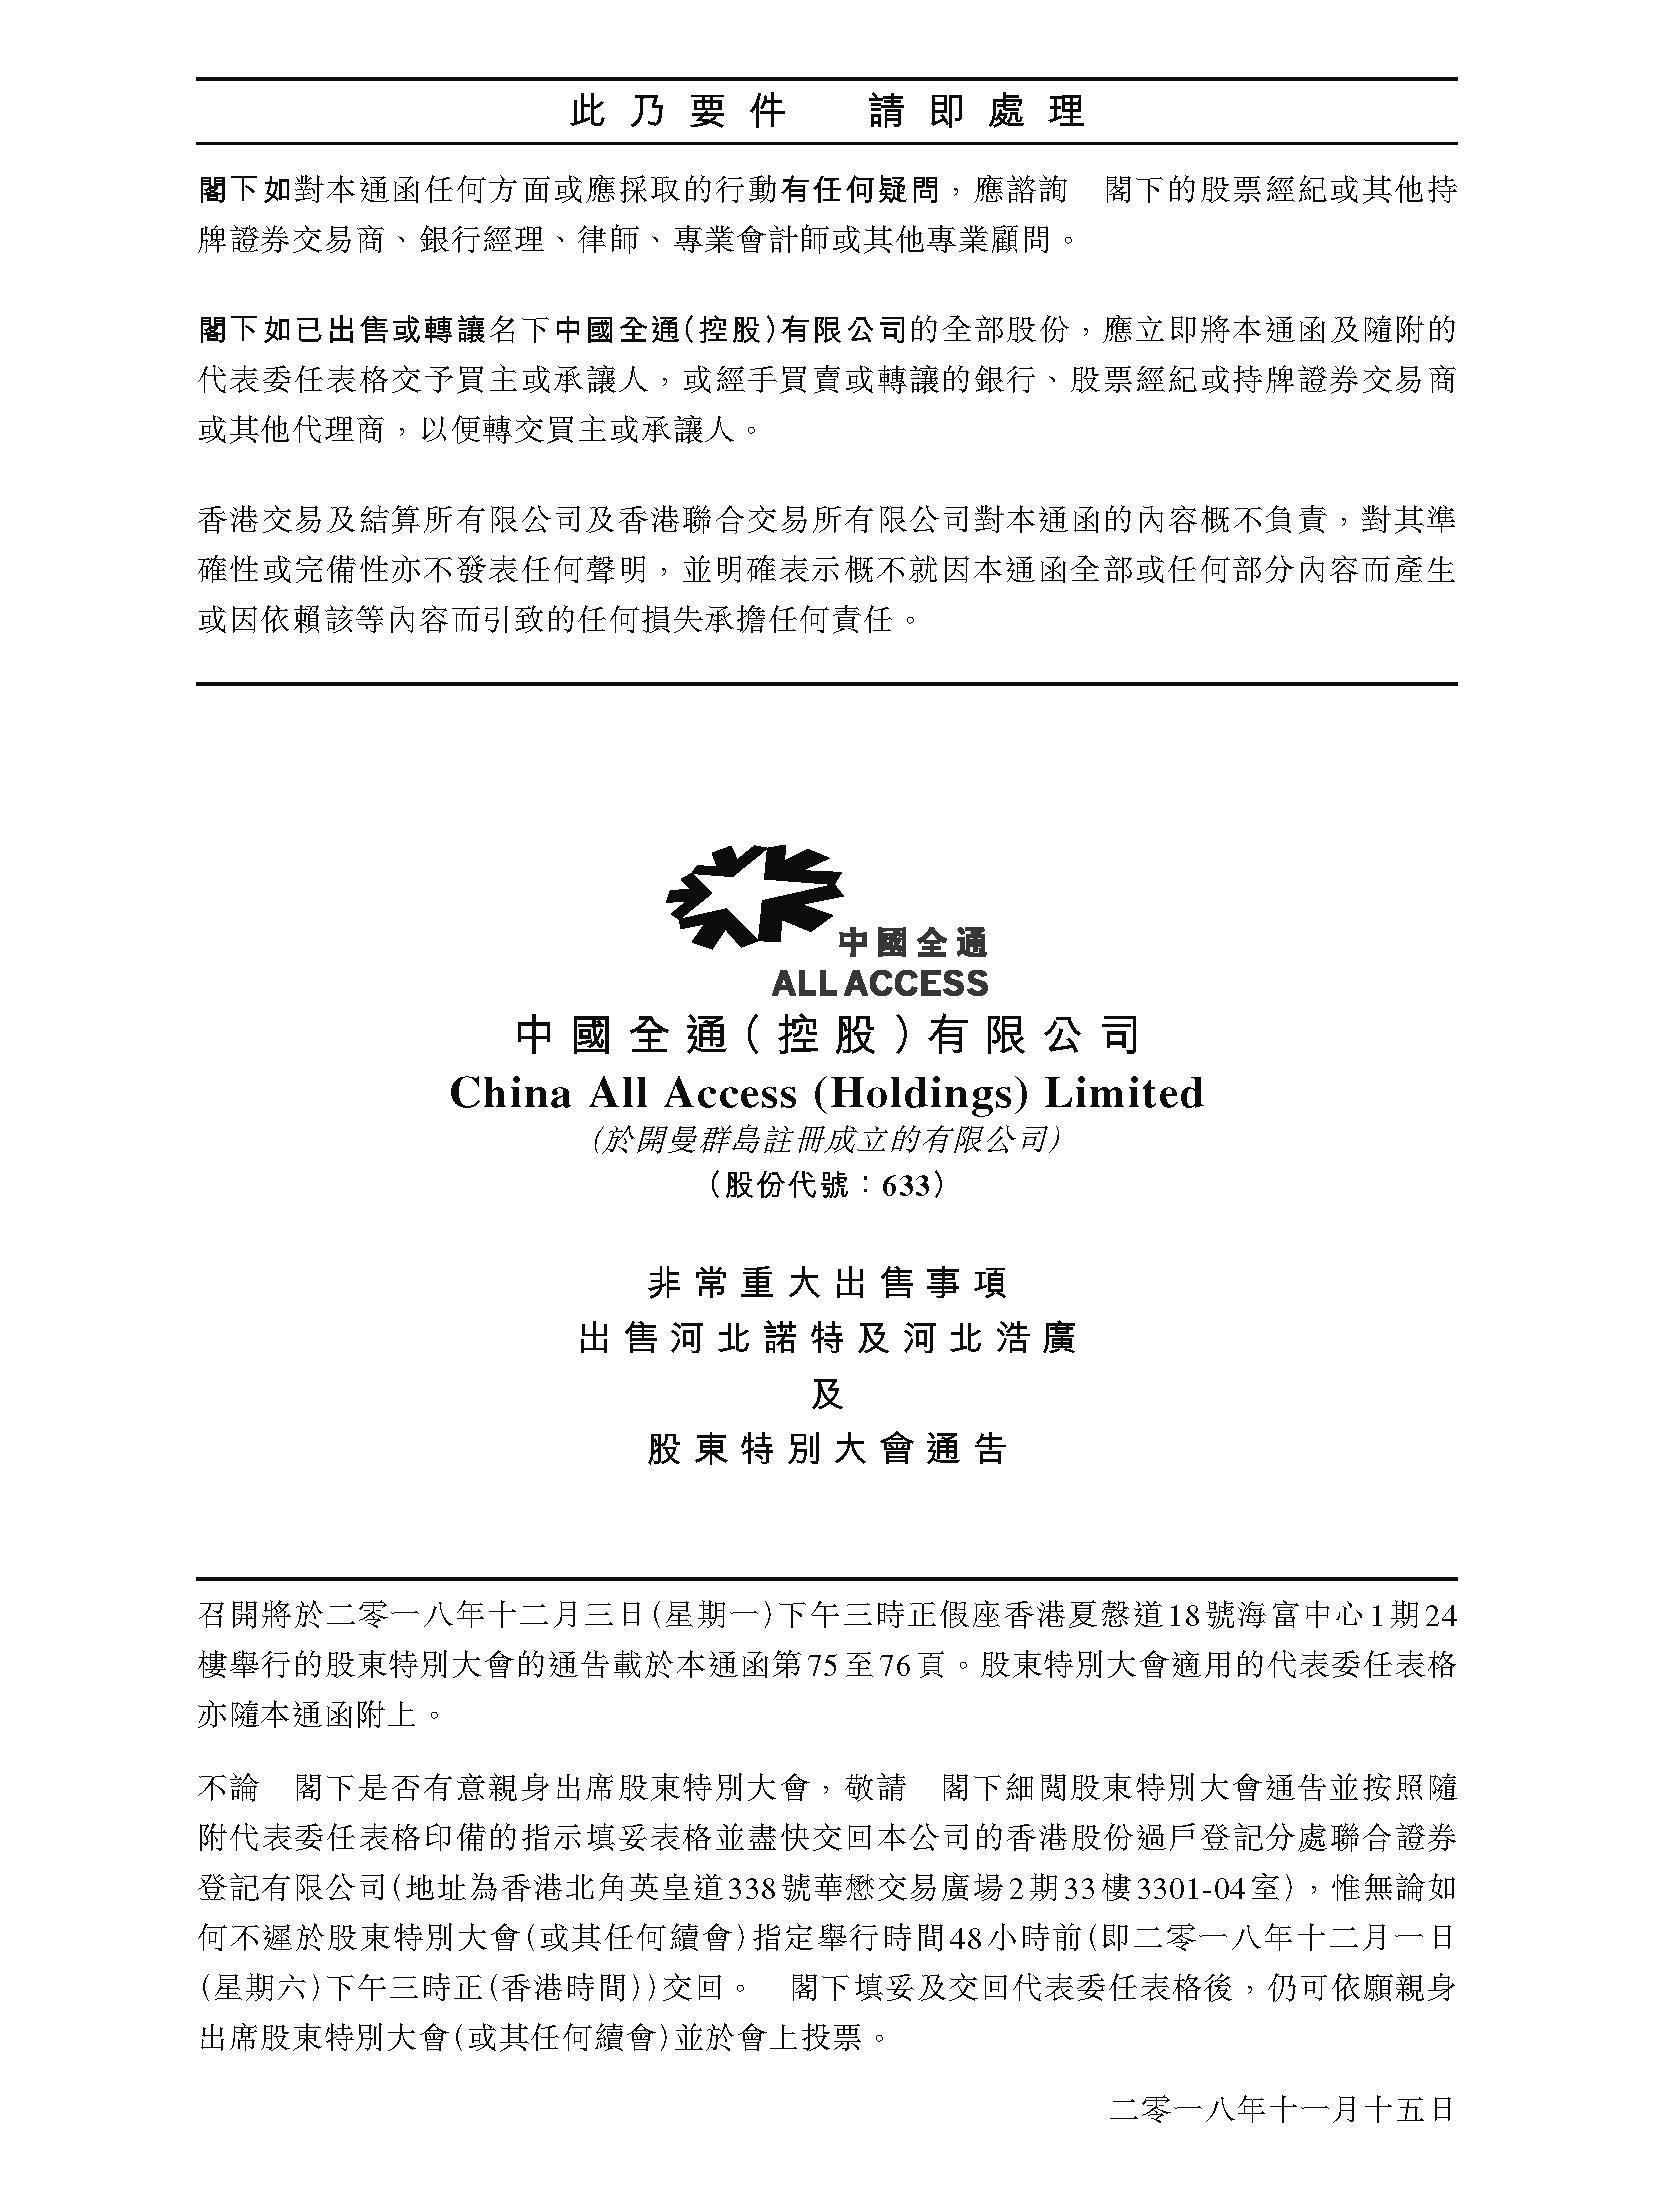 中国全通 (控股) 有限公司